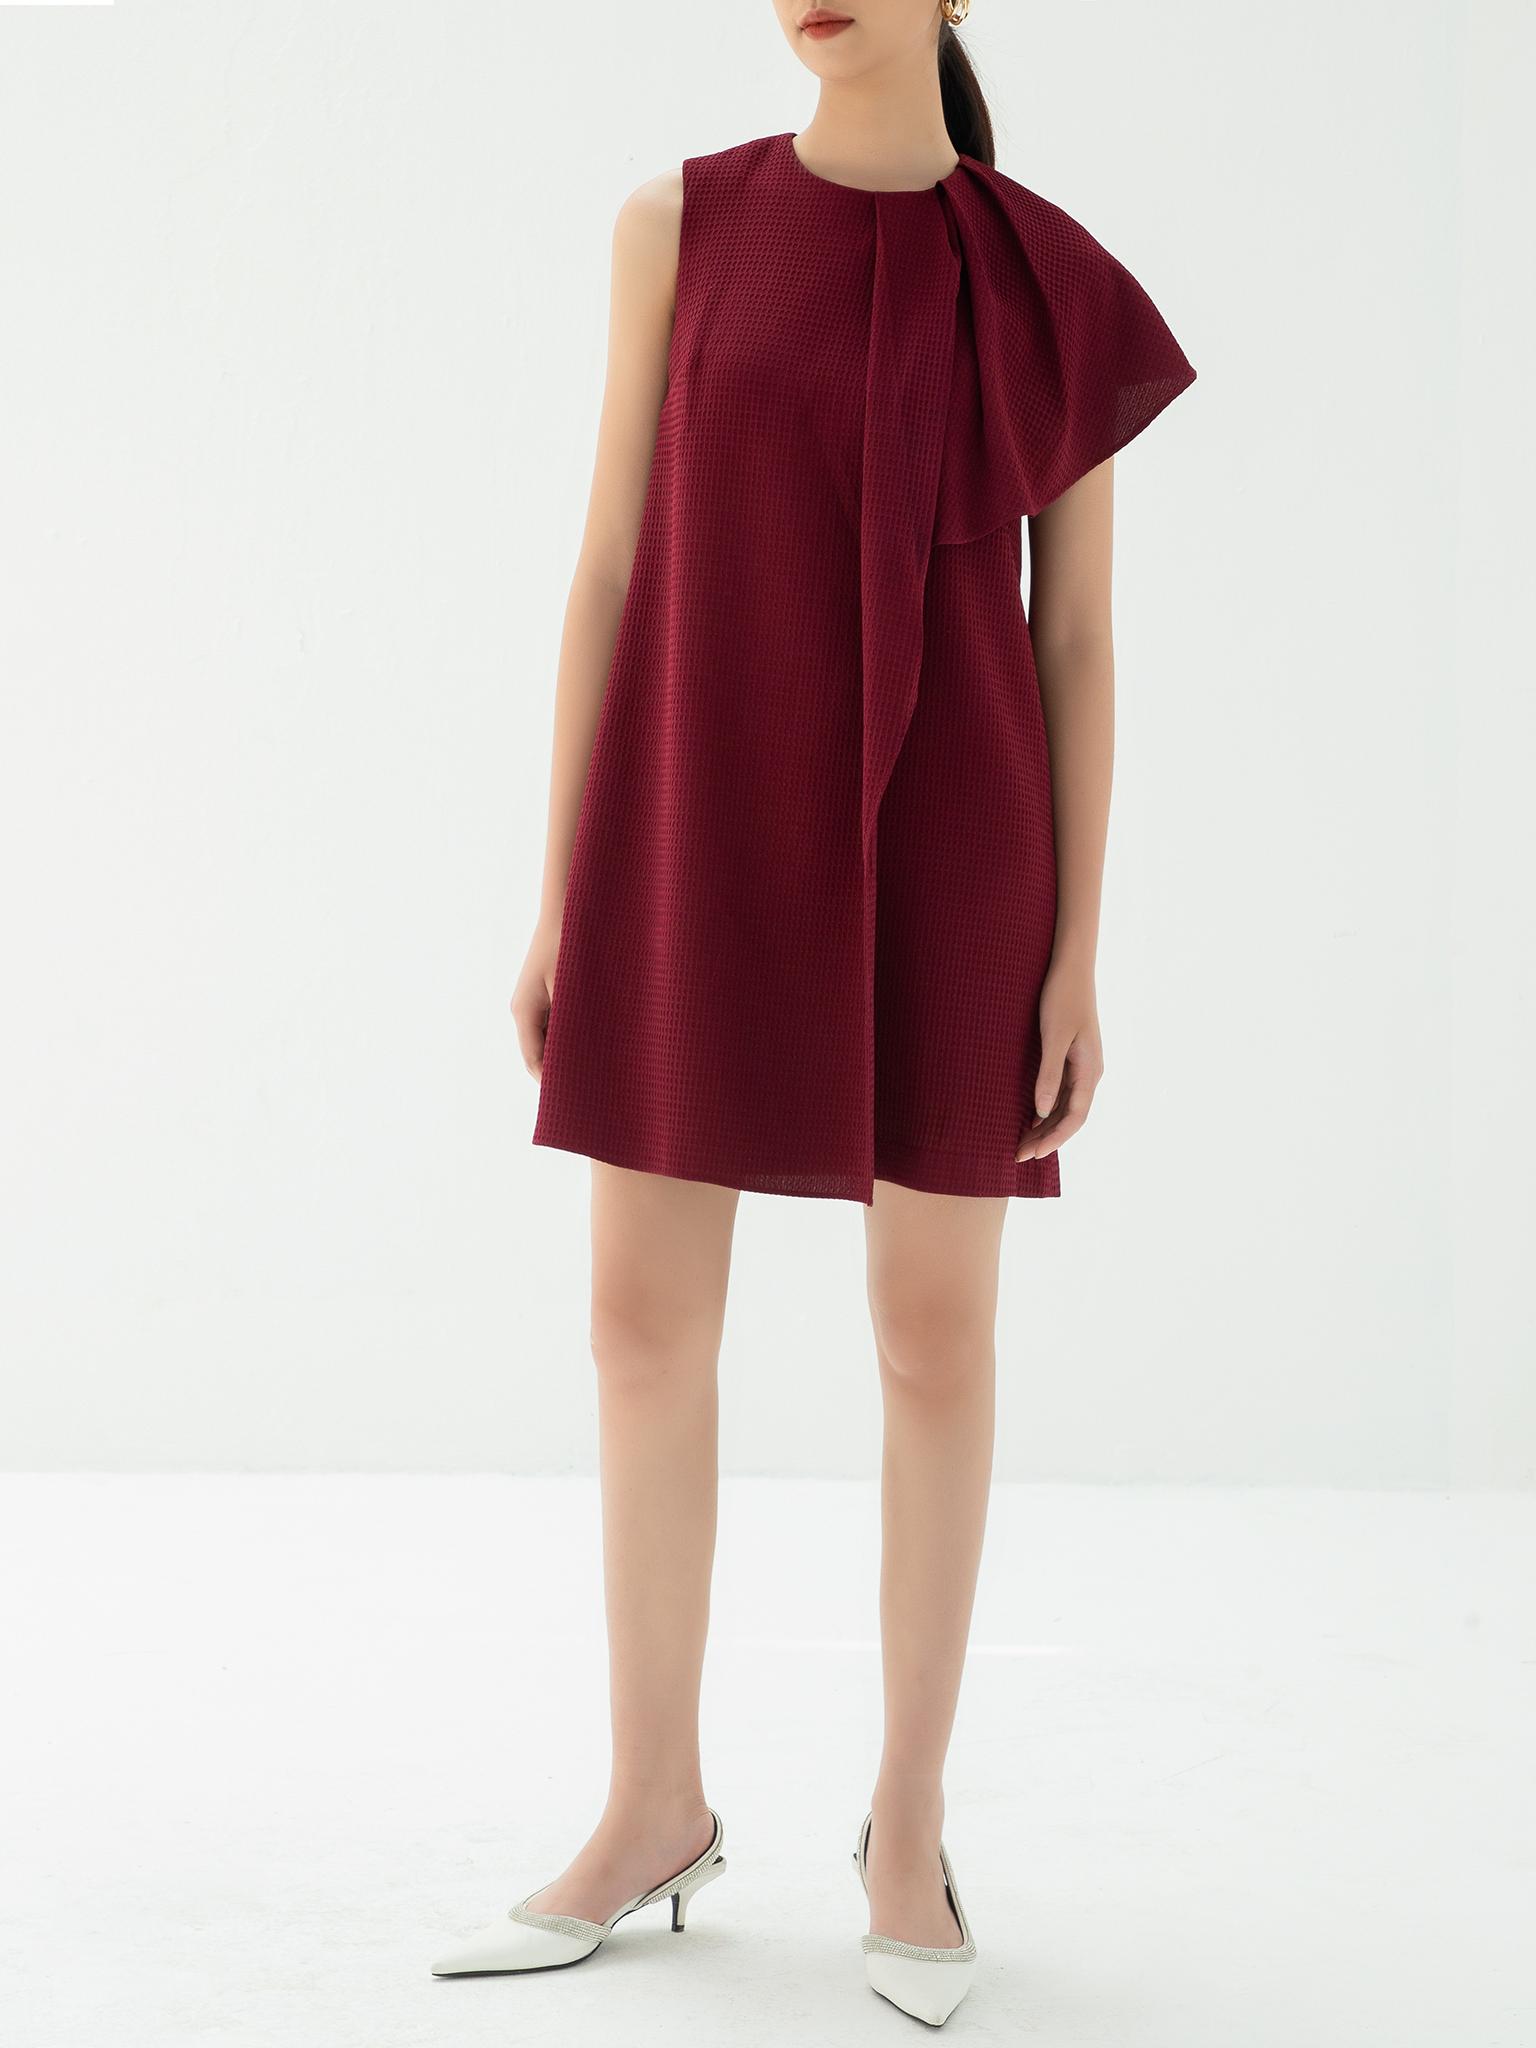 Đầm suông ngắn vai chờm xếp ly lệch 1 bên